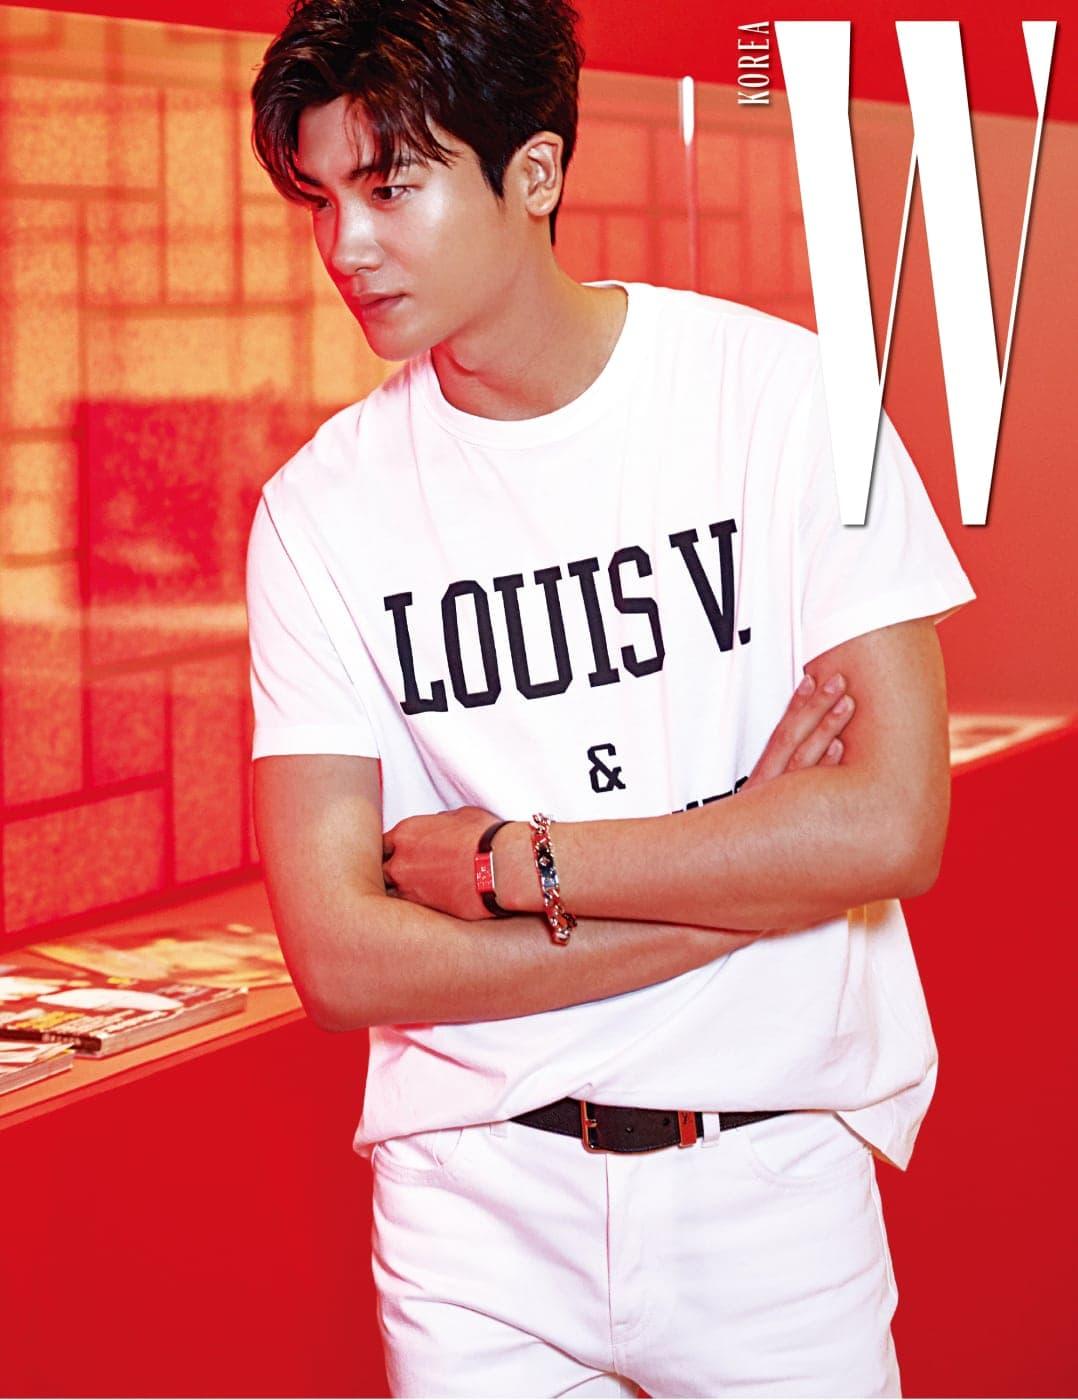 배우 박형식이 붉은색 공간이 인상적인 한국관을 둘러보고 있다.